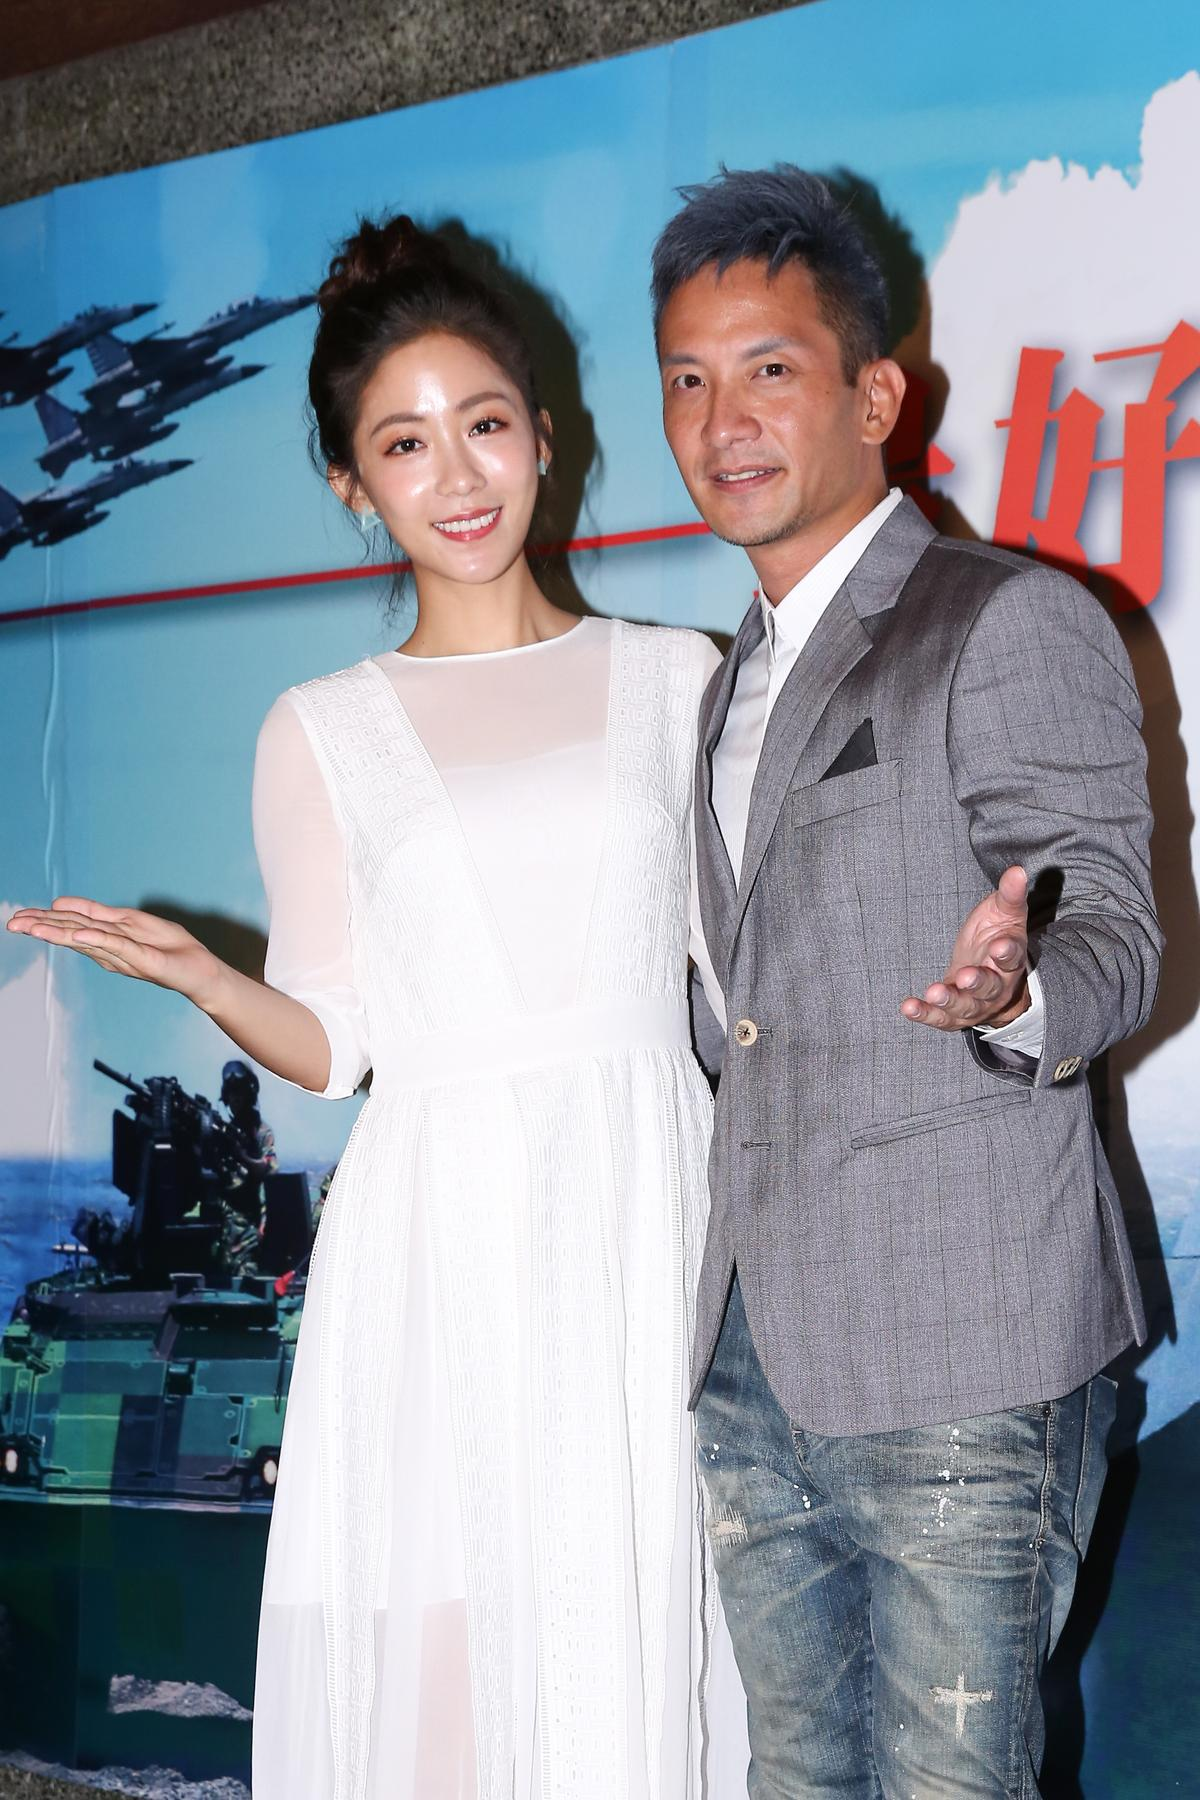 高山峰(右)育有6歲兒子跟3歲女兒,他表示接演了《最好的選擇》後成為了兒子的偶像。